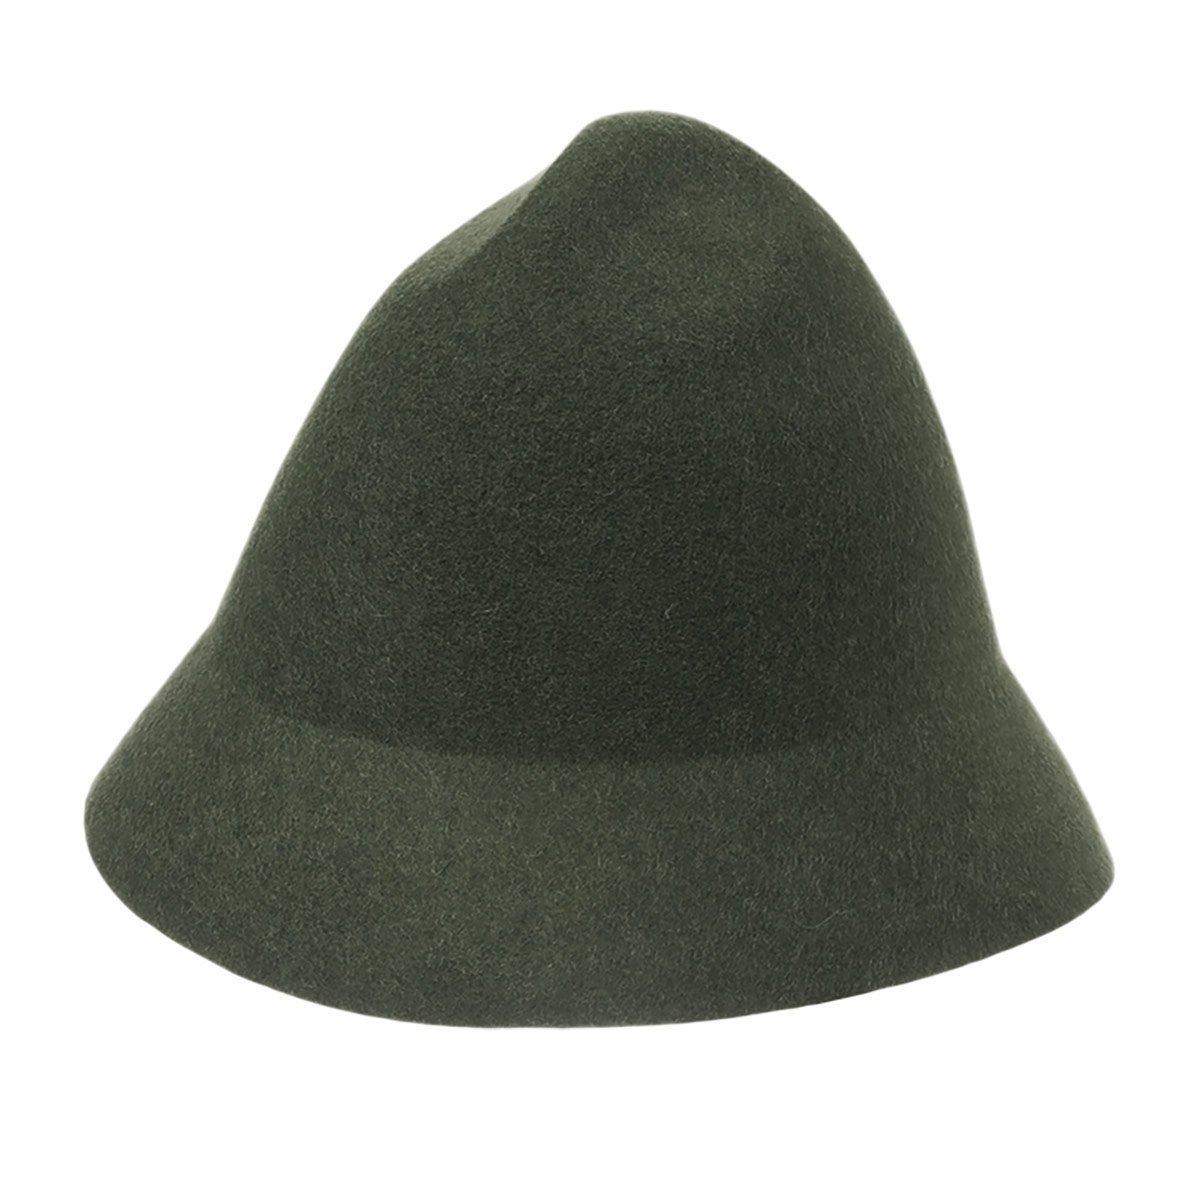 Cappello in feltro sul stile tirolese in ottima qualità ea2738501735